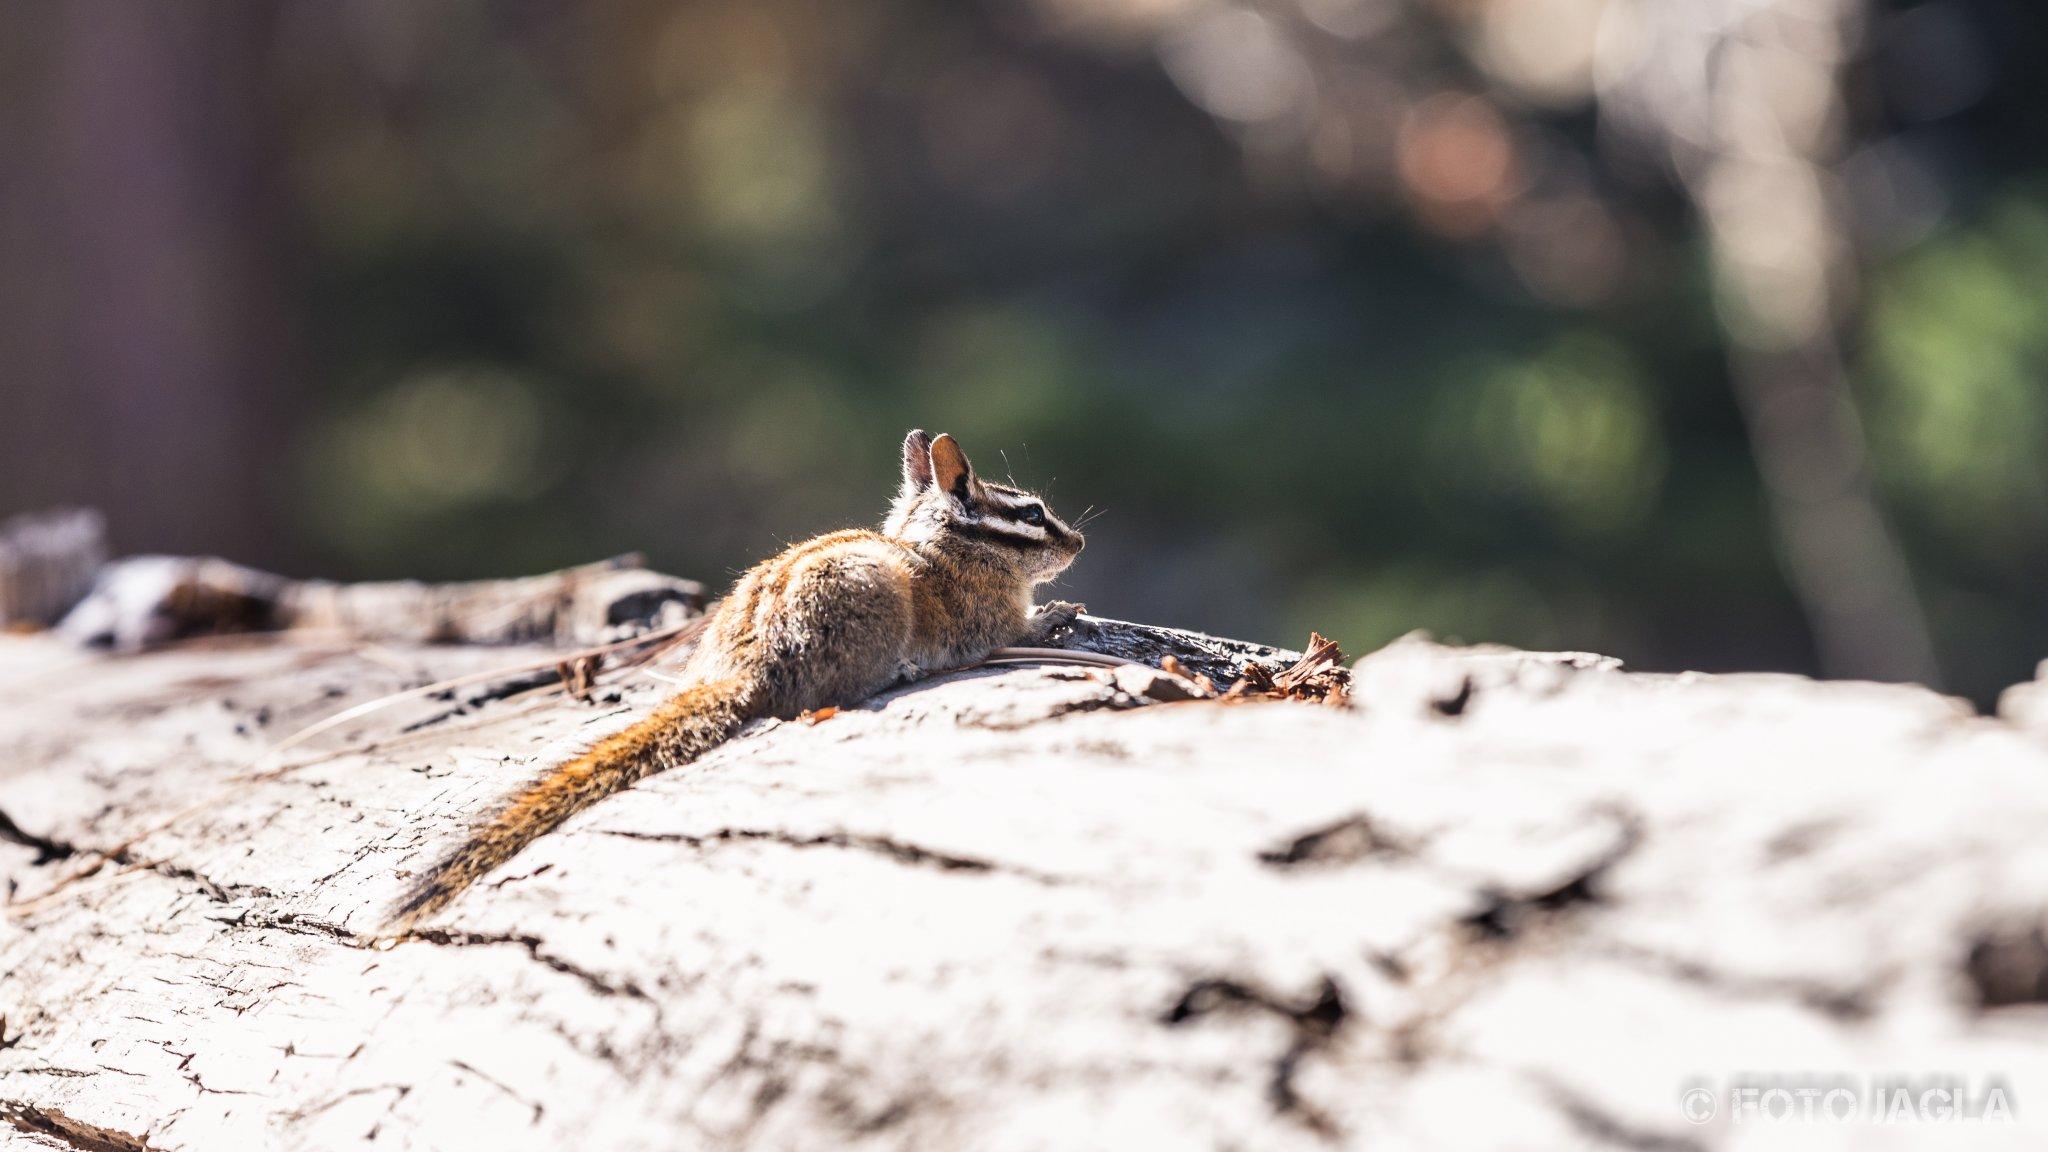 Kalifornien - September 2018 Streifenhörnchen Sequoia National Park - Lodgepole Campground